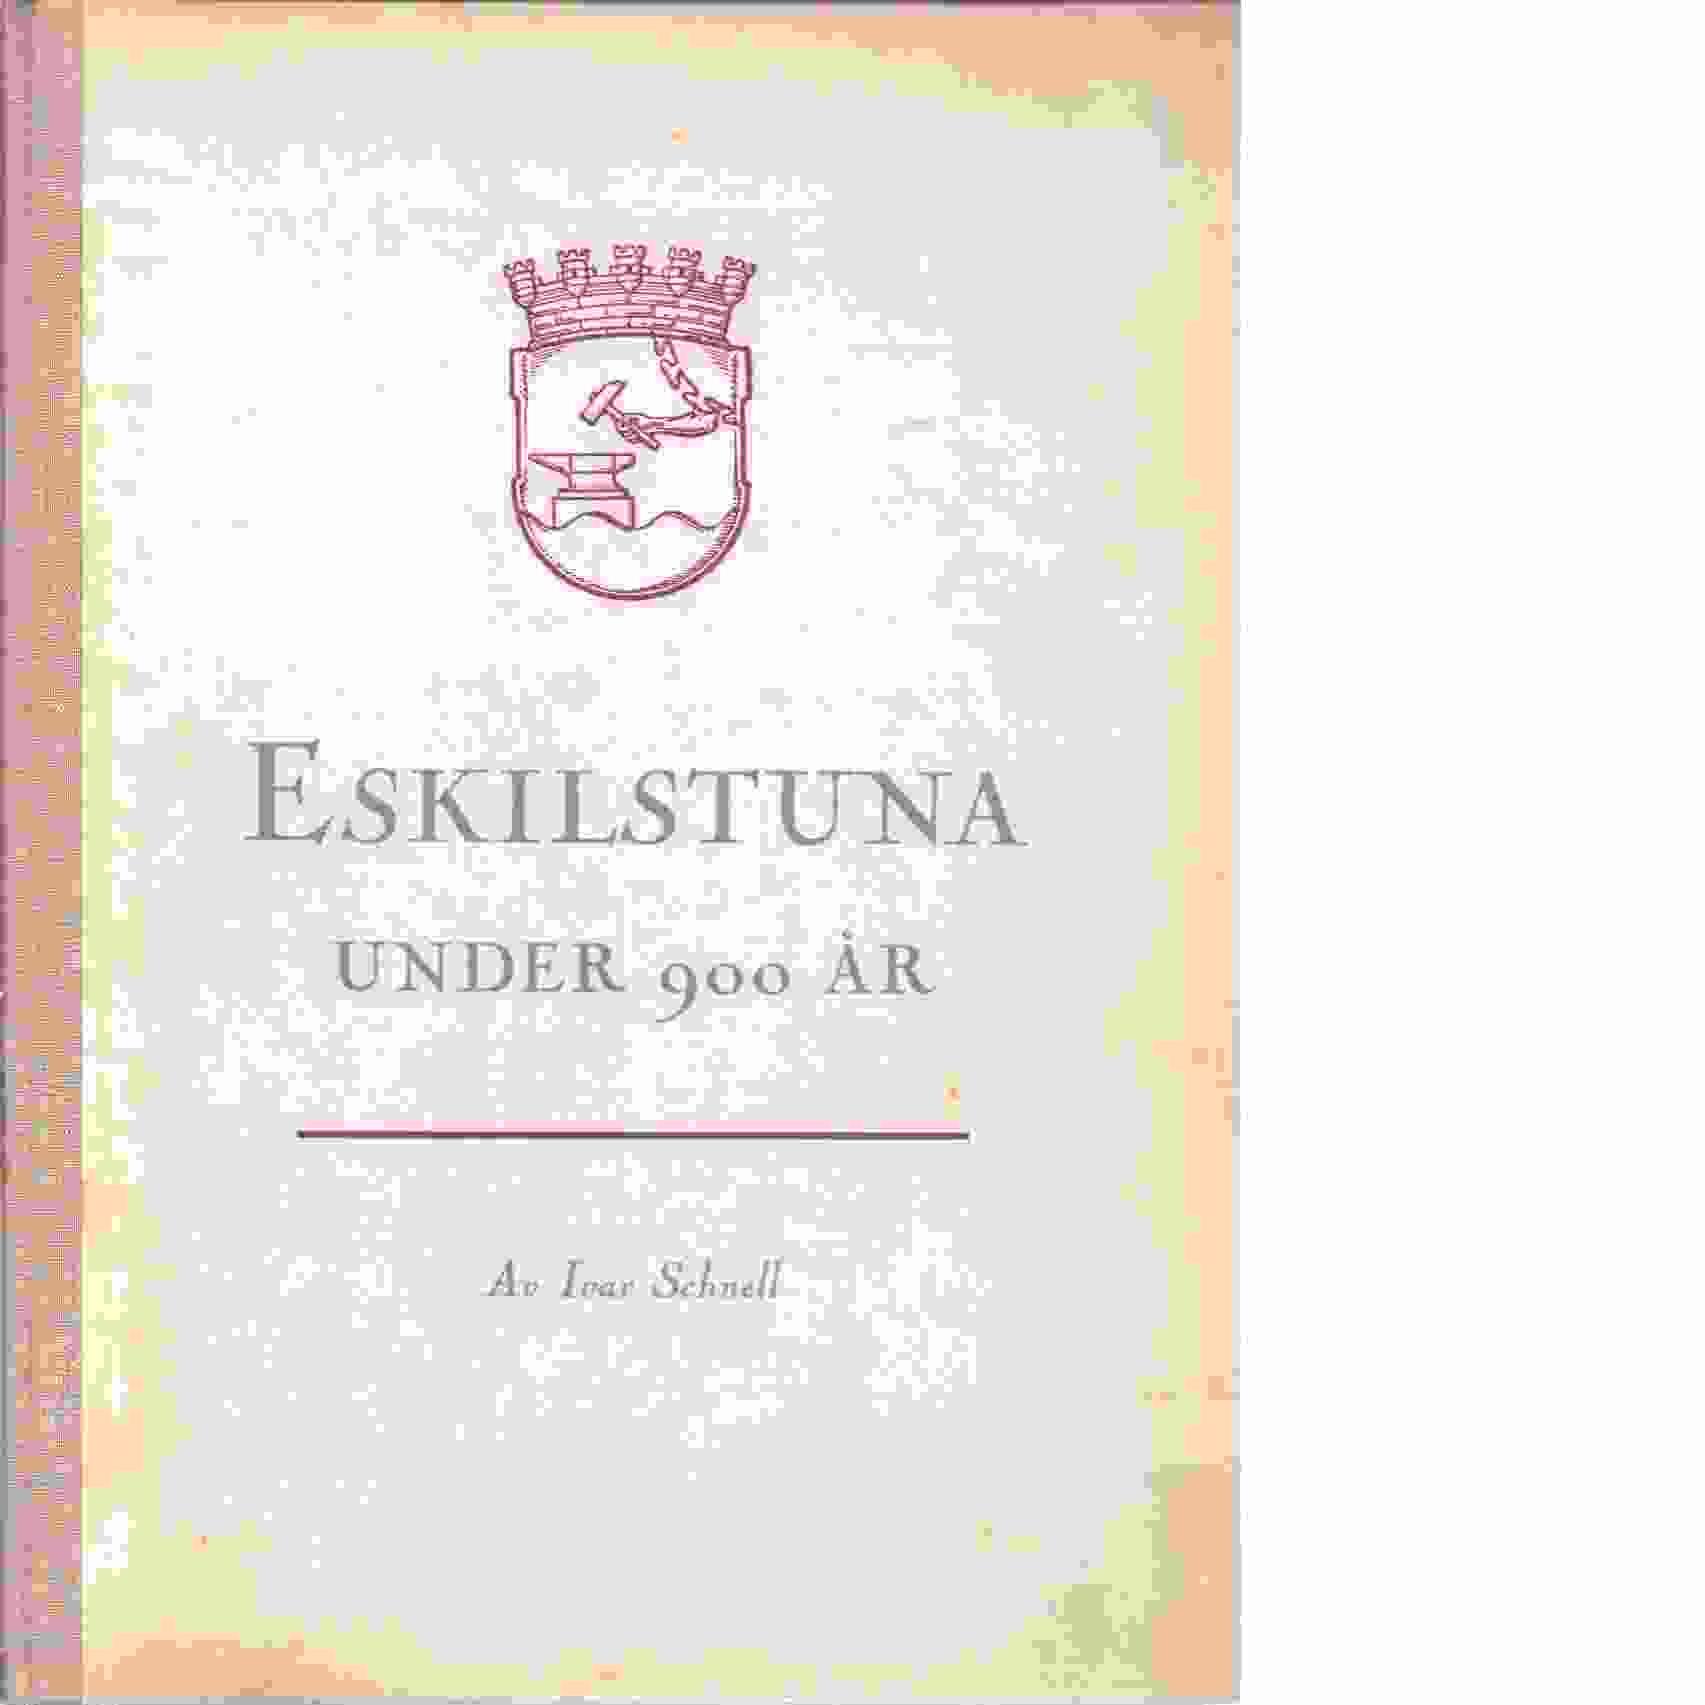 Eskilstuna under 900 år - Schnell, Ivar